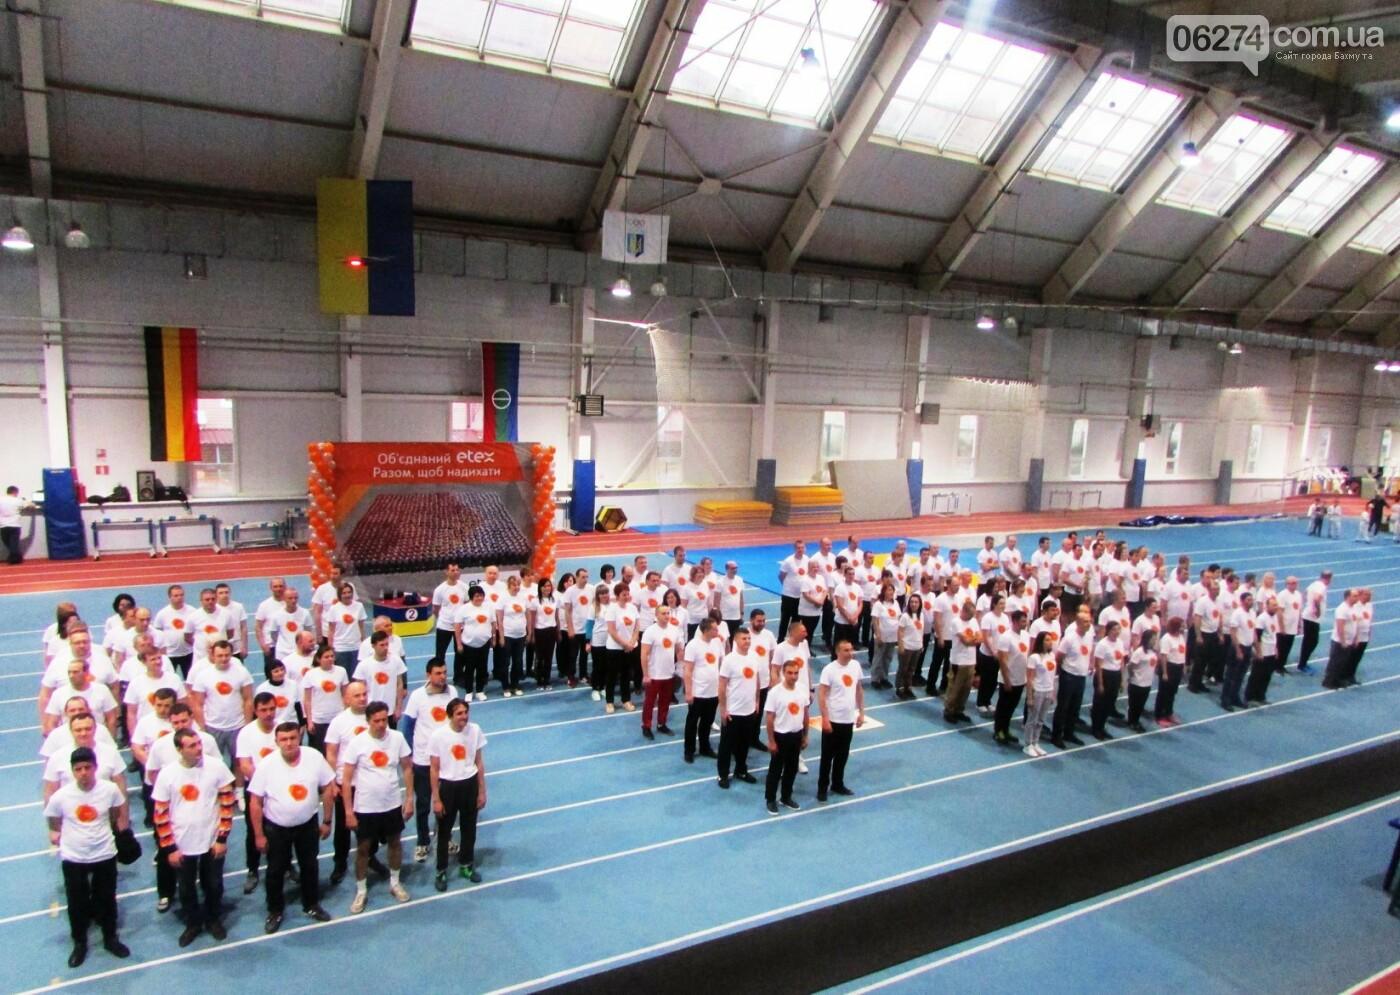 В Бахмуте прошли соревнования мировой компании ЕТЕХ, фото-13